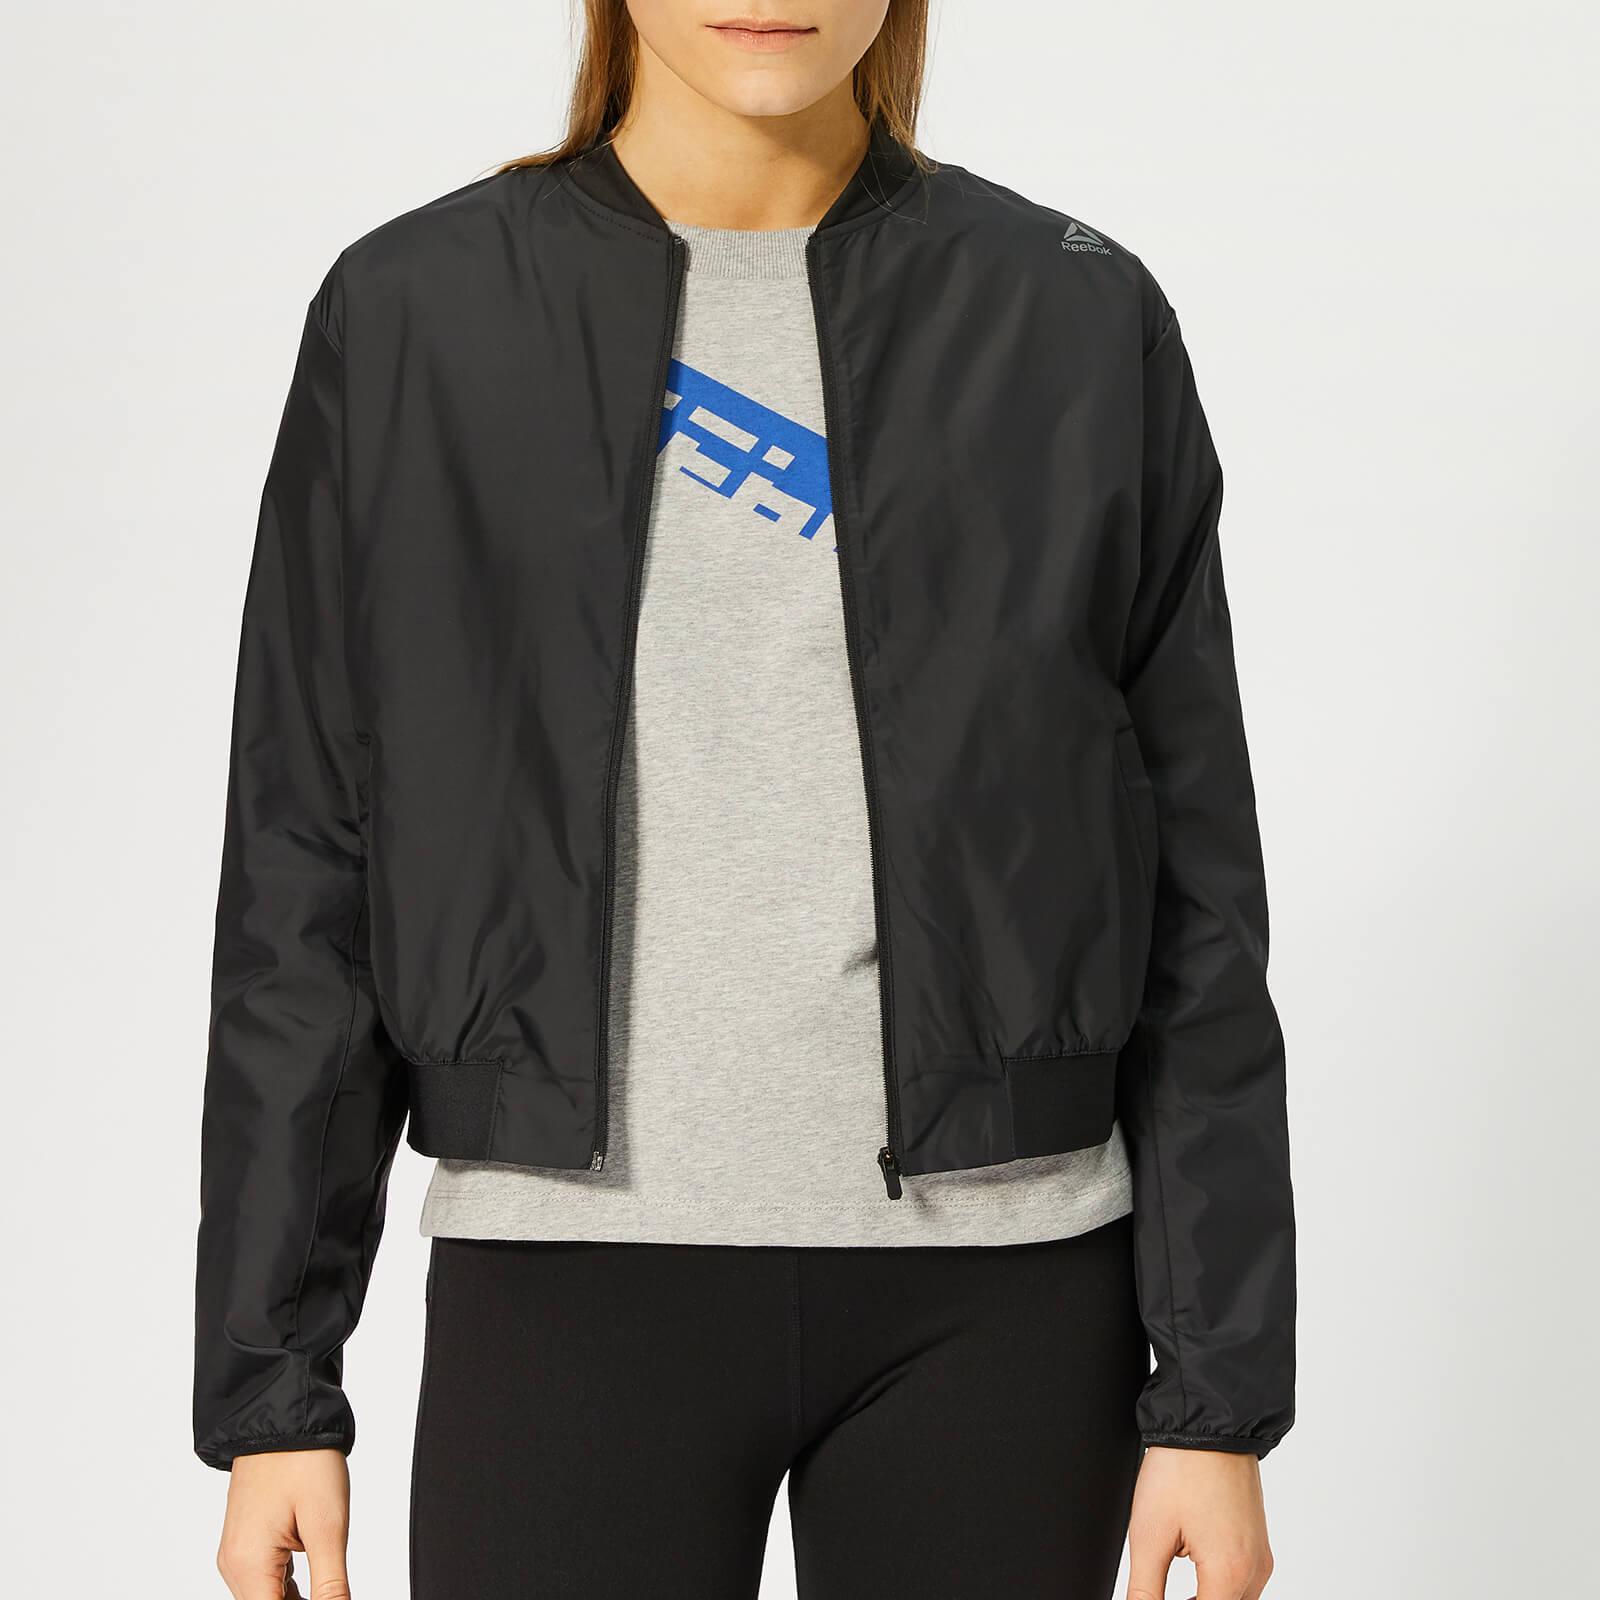 Reebok Women's Wor Comm Woven Jacket - Black - XS - Black